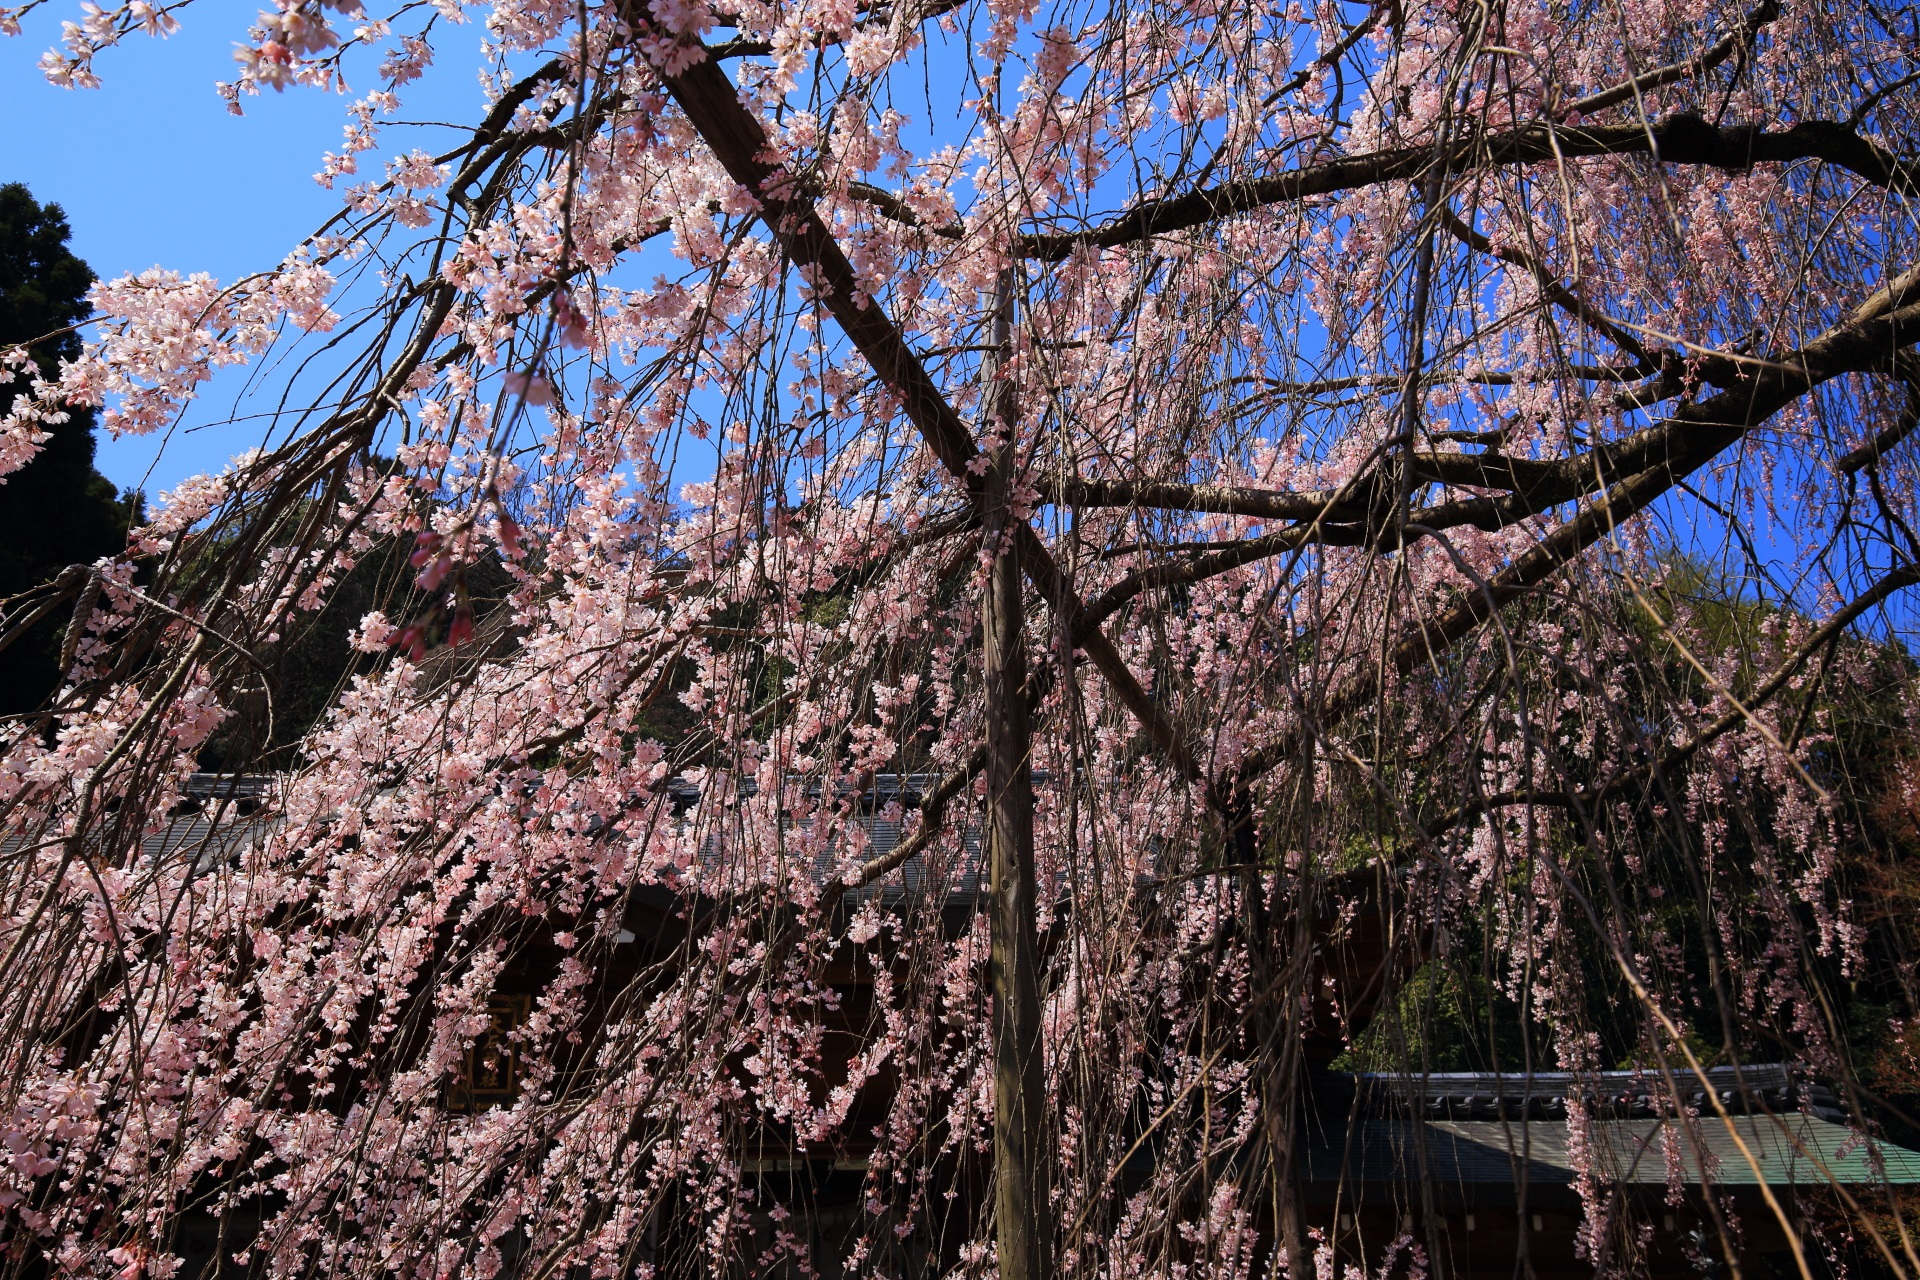 しだれ桜の内側から眺めた桜と本殿